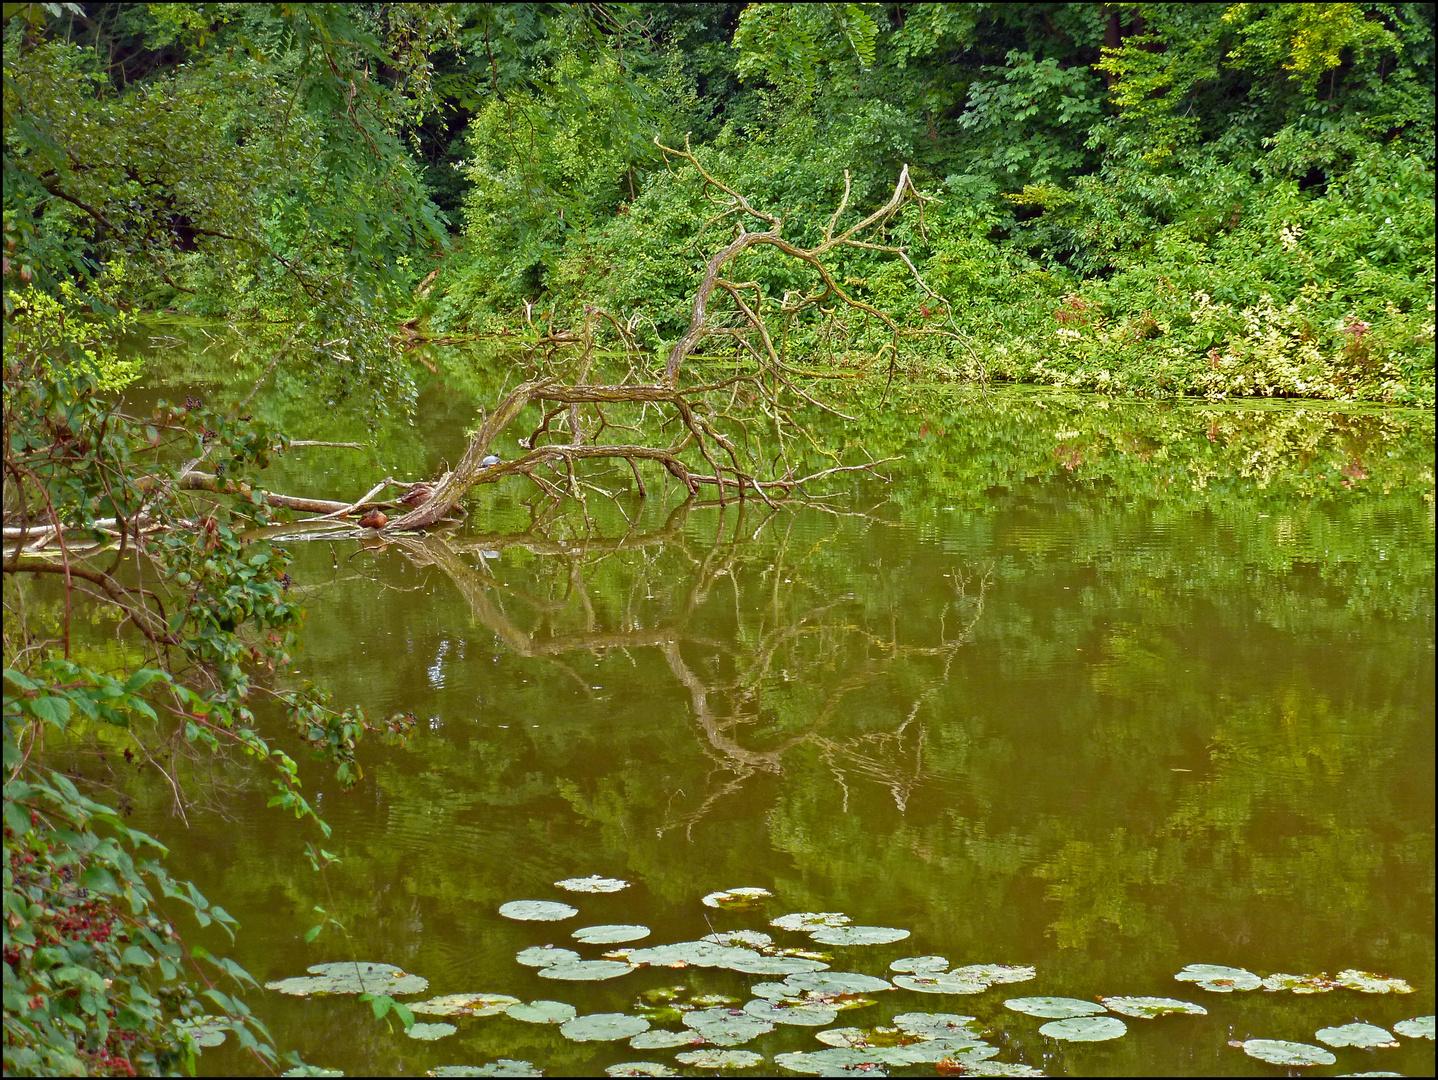 Teich in den Ruhrauen - Essen-Heisingen (2)